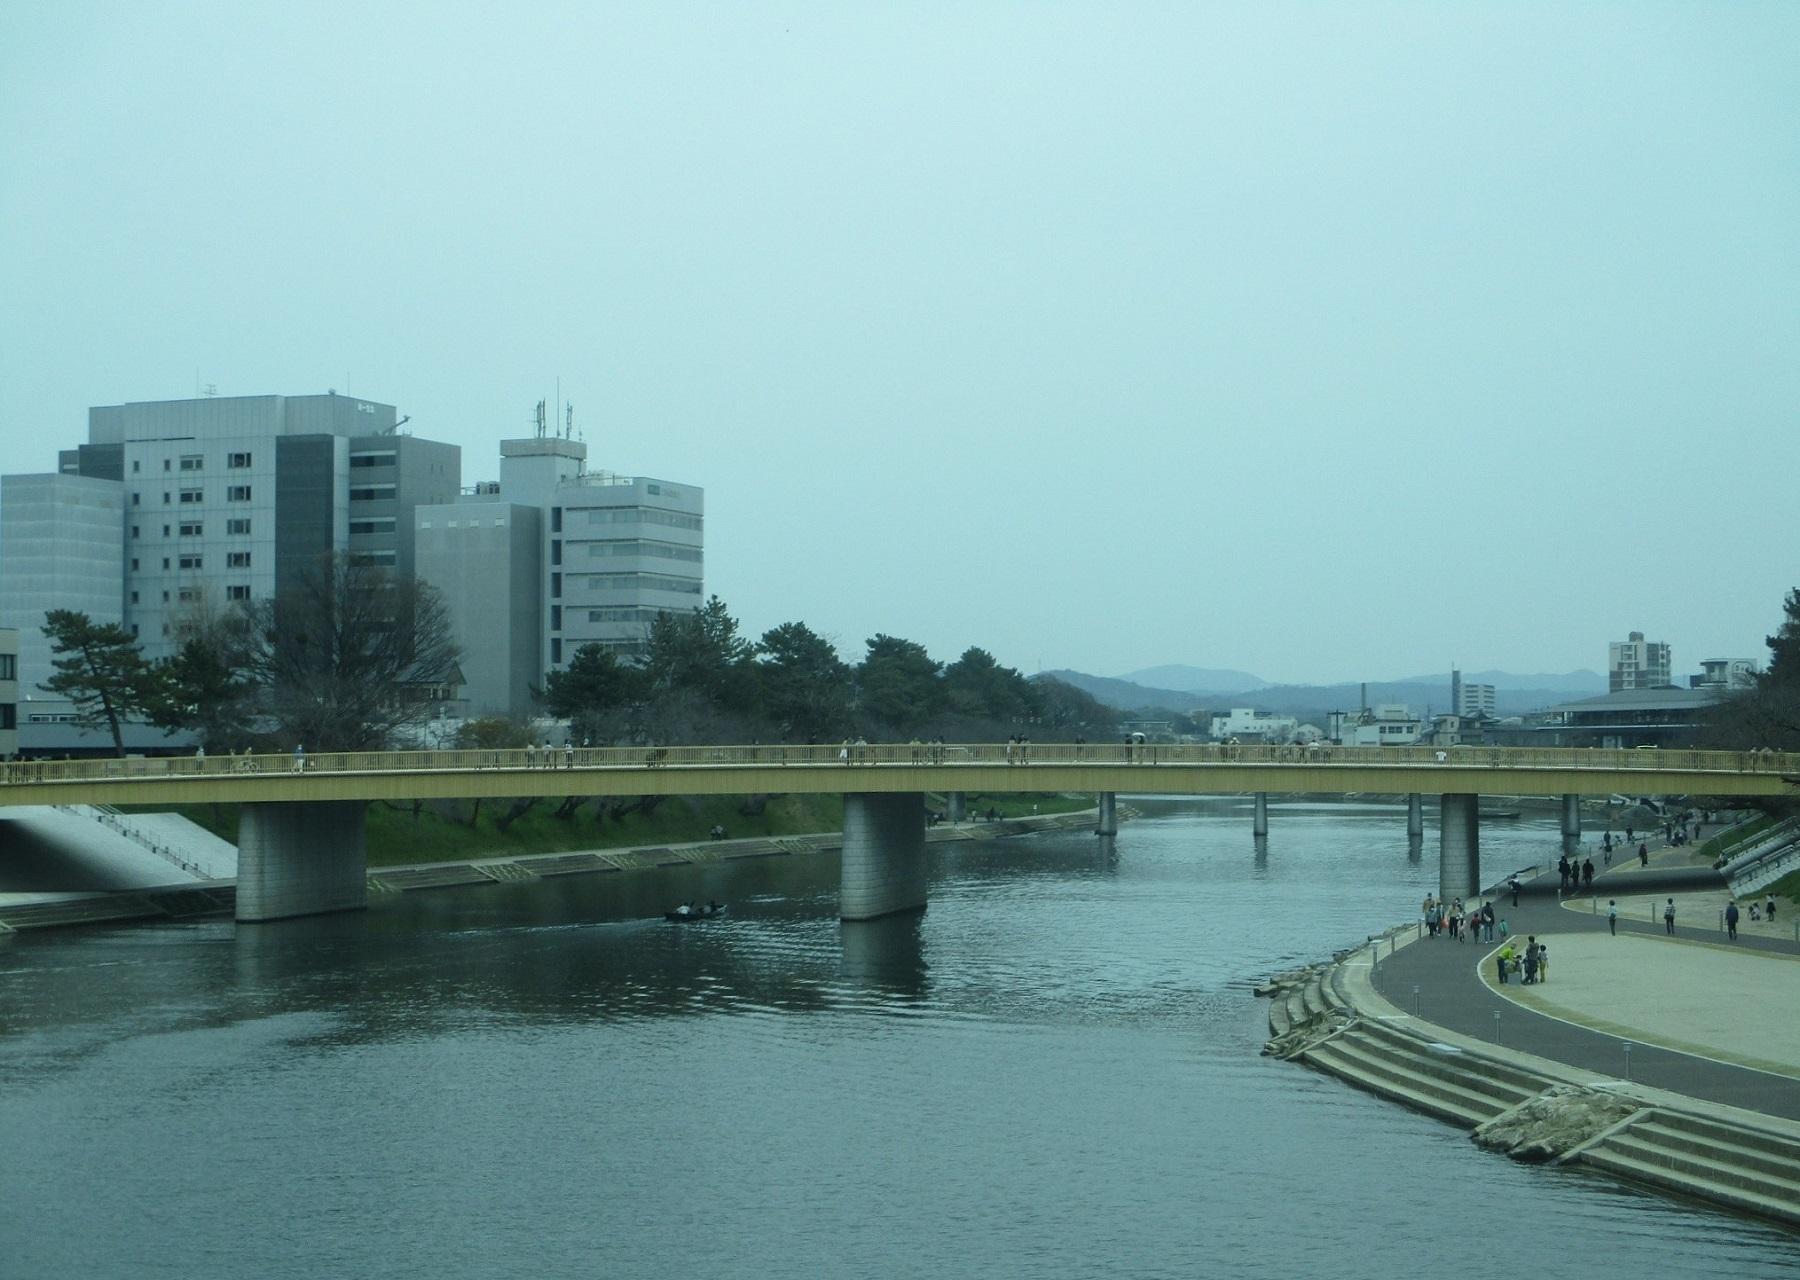 2020.3.22 (31) 東岡崎方面いきバス - 殿橋から桜城橋をみる 1800-1280